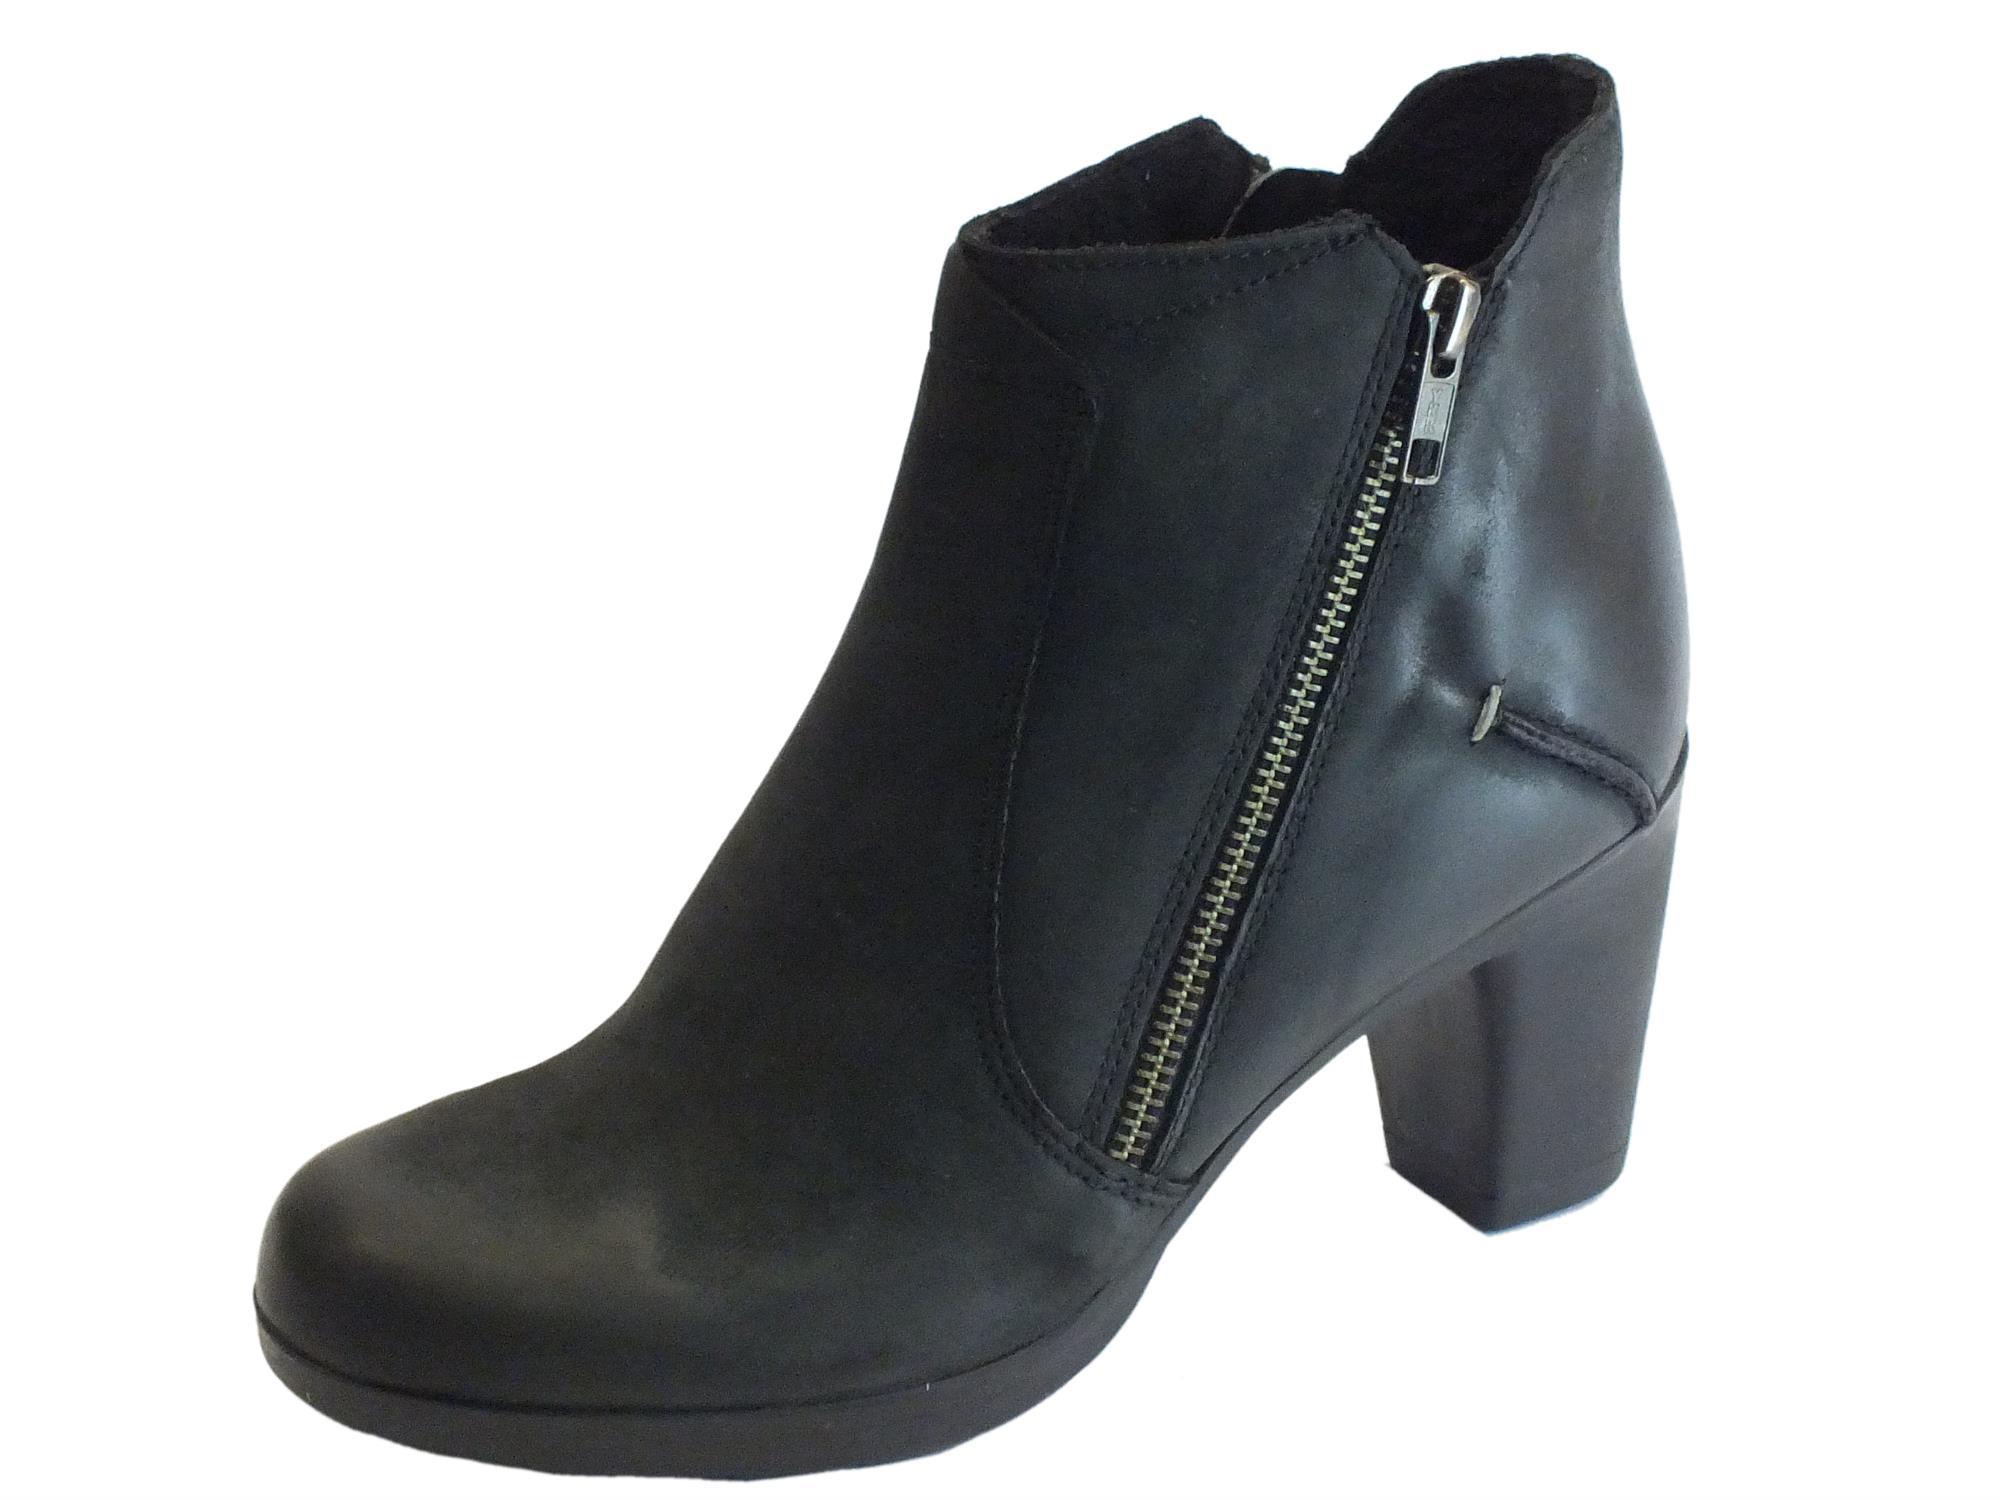 Tronchetti Cinzia Soft pelle spazzolata nera tacco medio - Vitiello ... 3c824547279